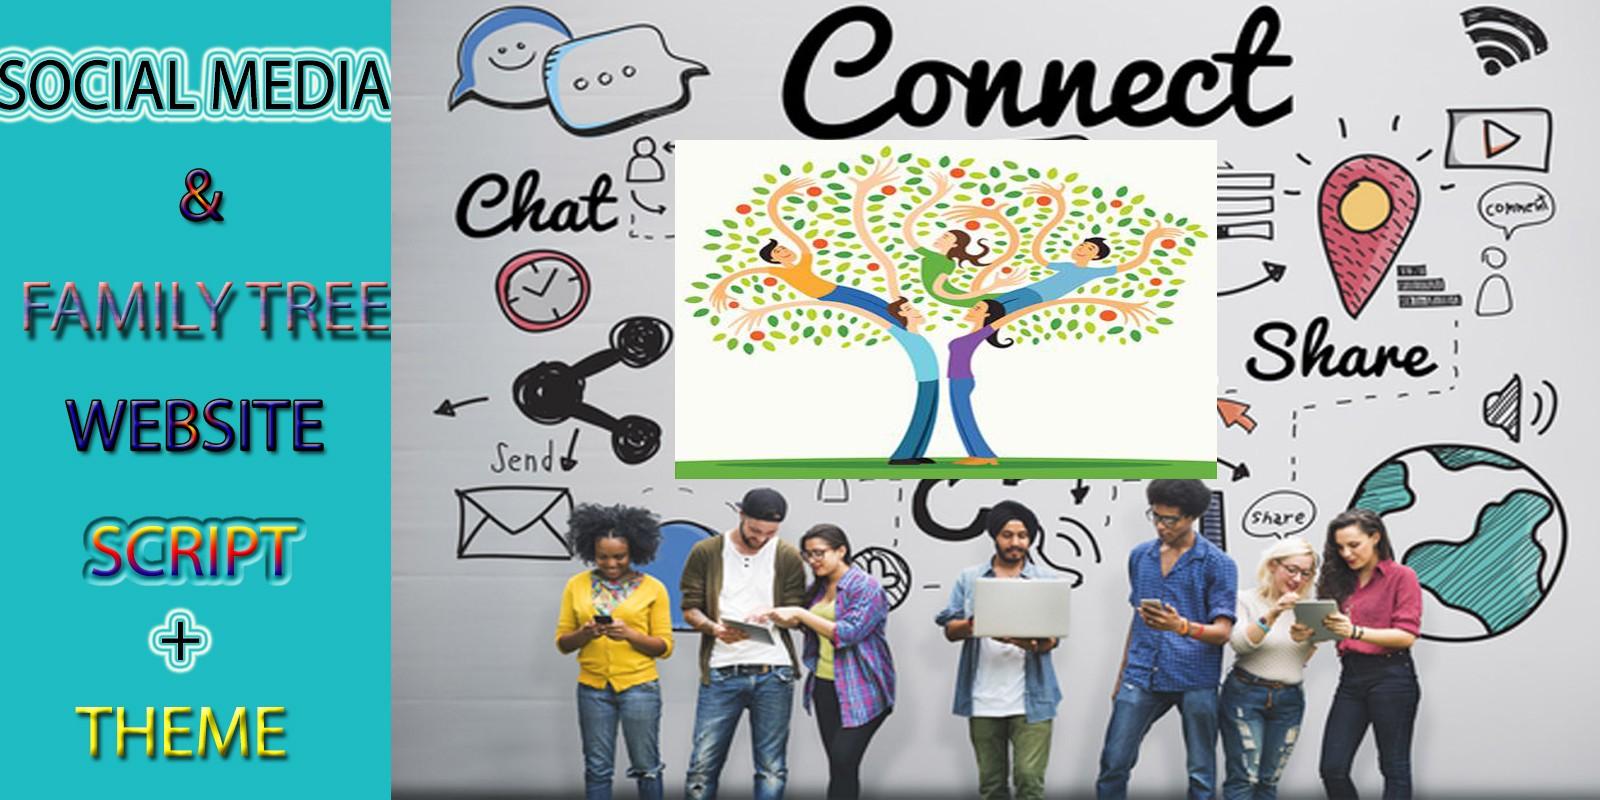 Social Media Family Tree Script